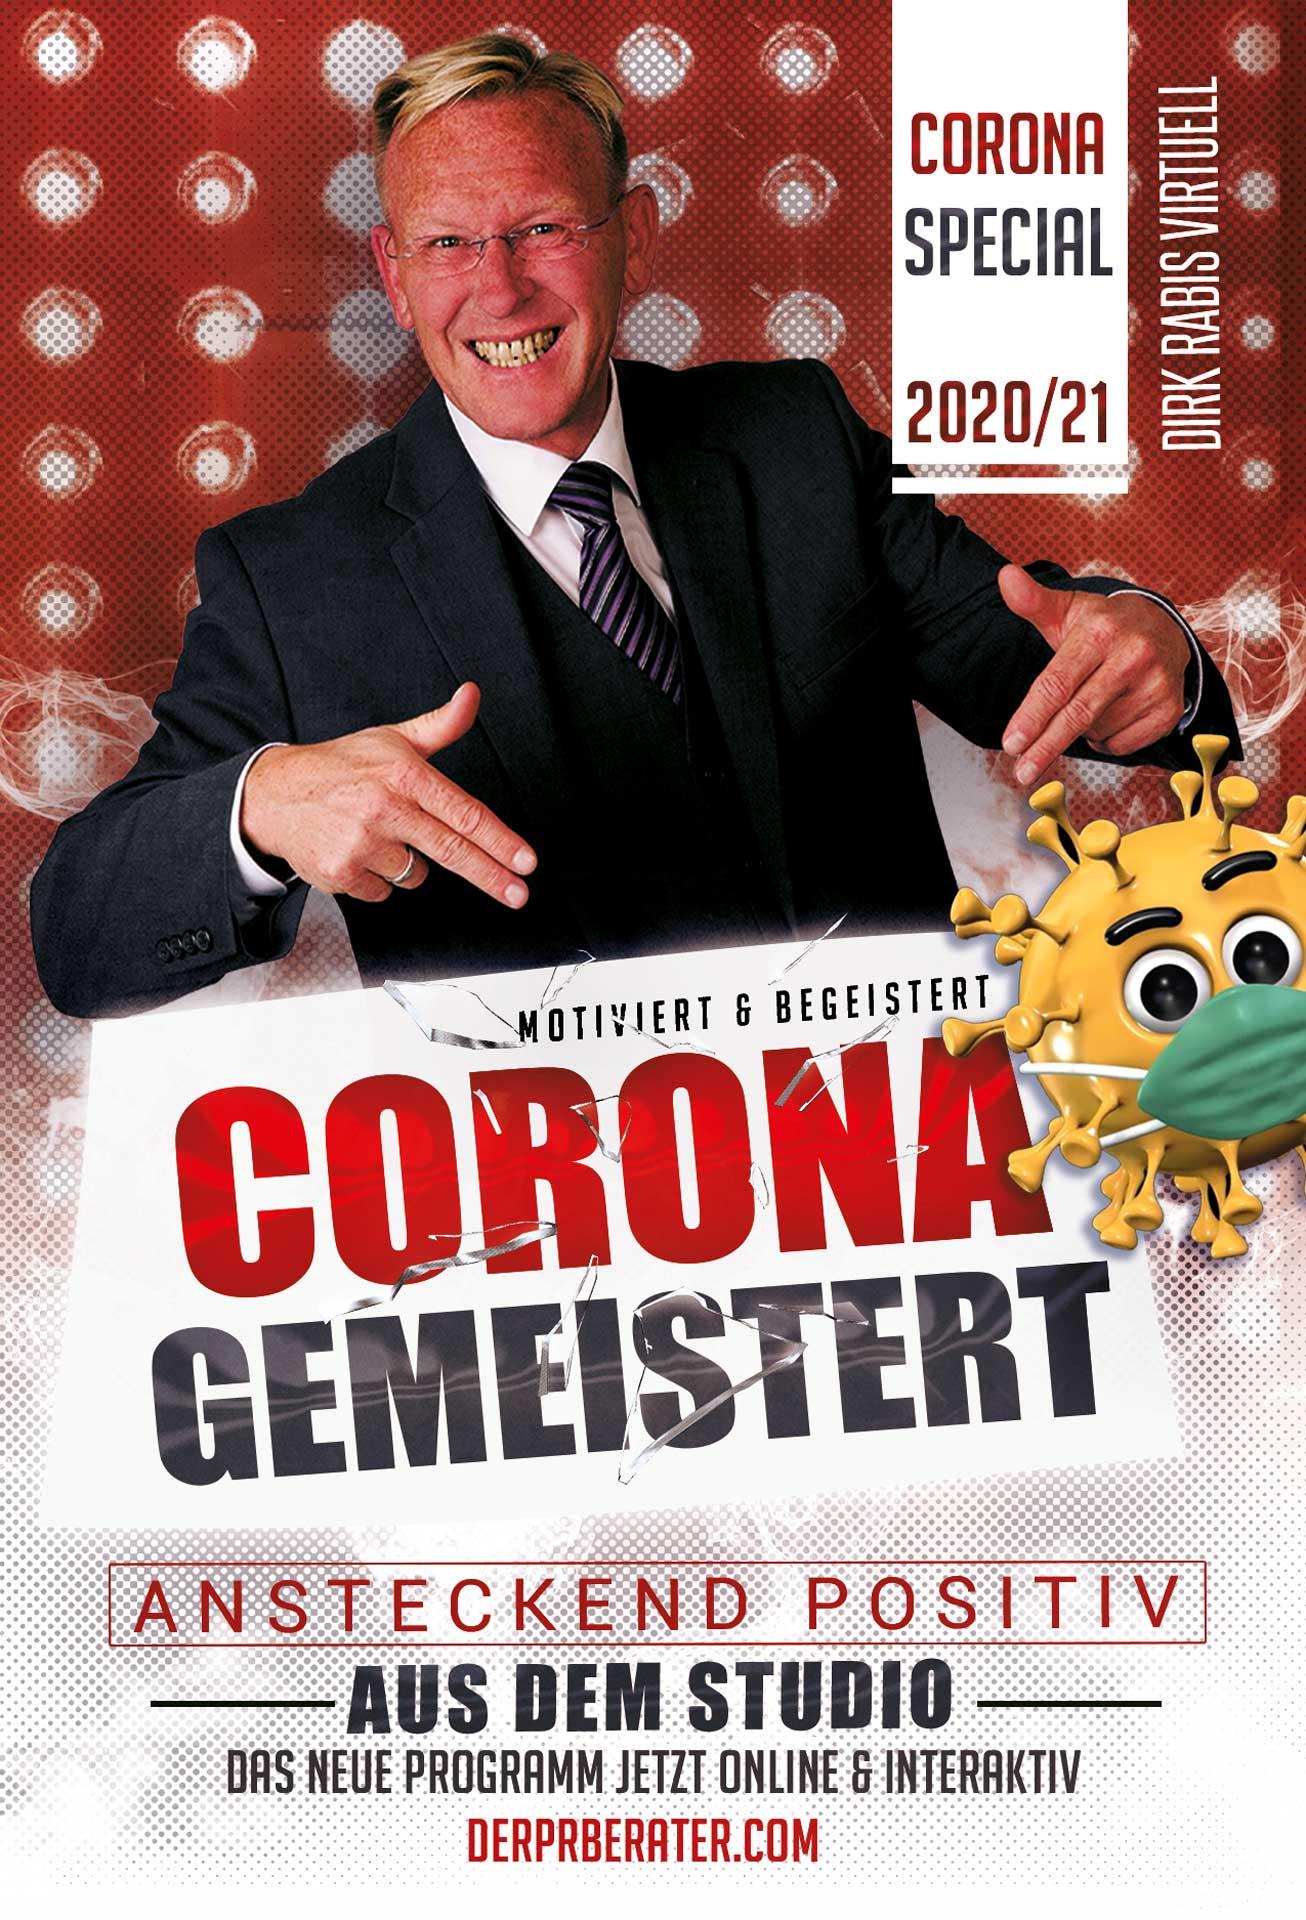 Motiviert und begeistert Corona gemeistert. Das Programm 2020/21. Video-Talk Flyer mit Dirk Rabis.